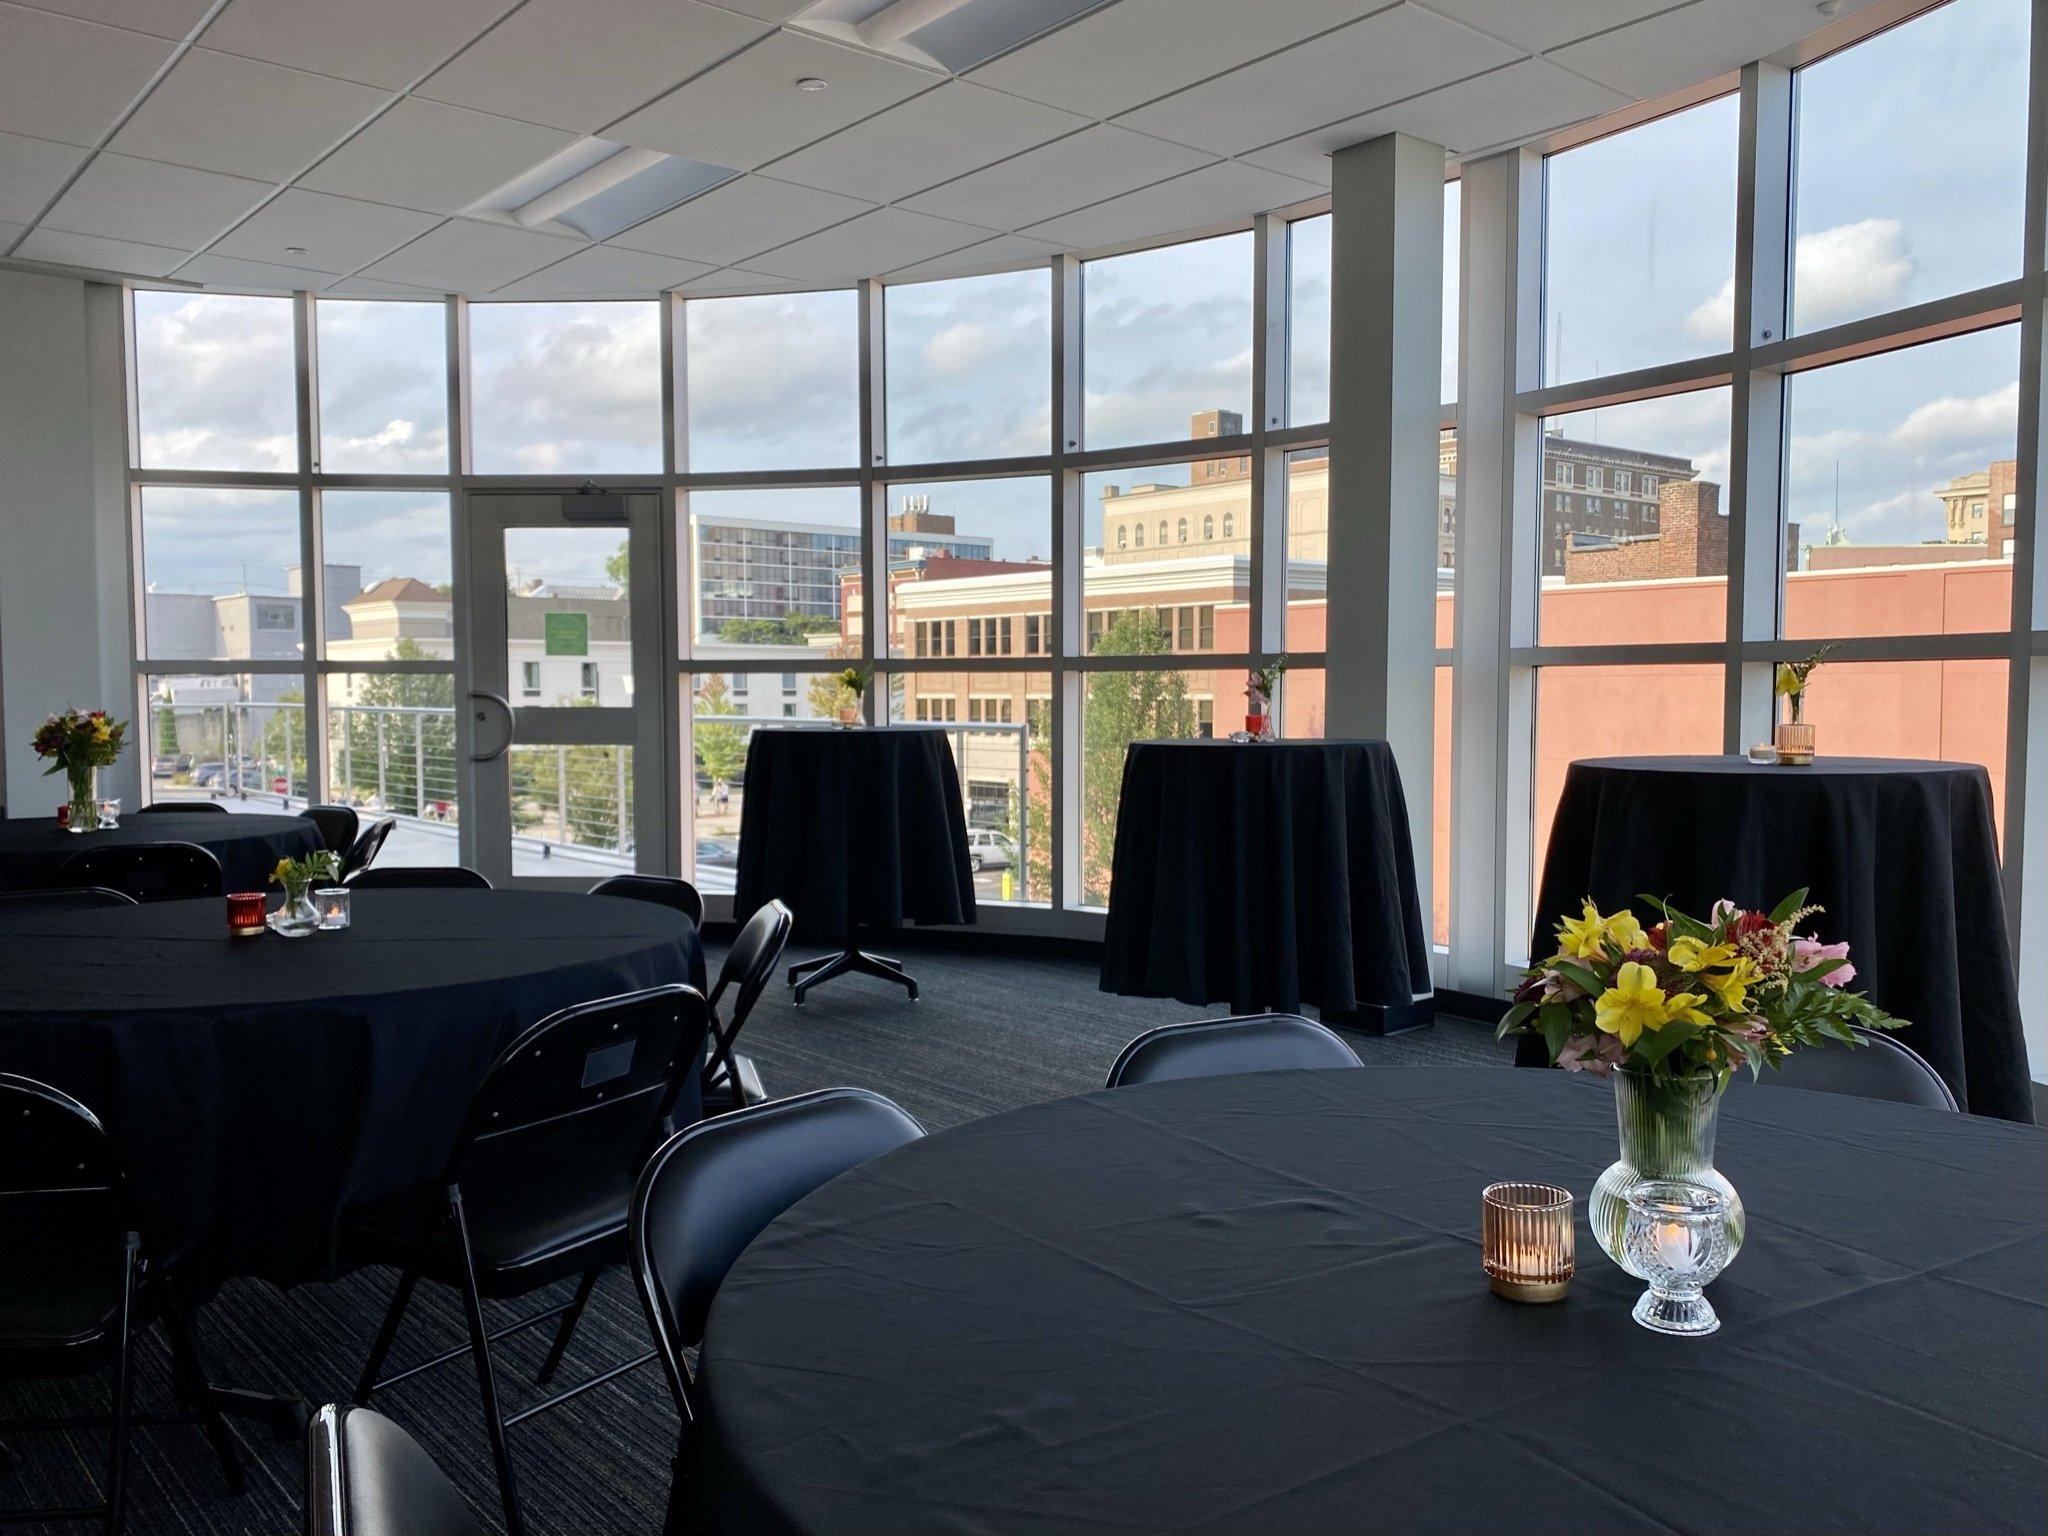 Atrium Boardroom & Rooftop Patio